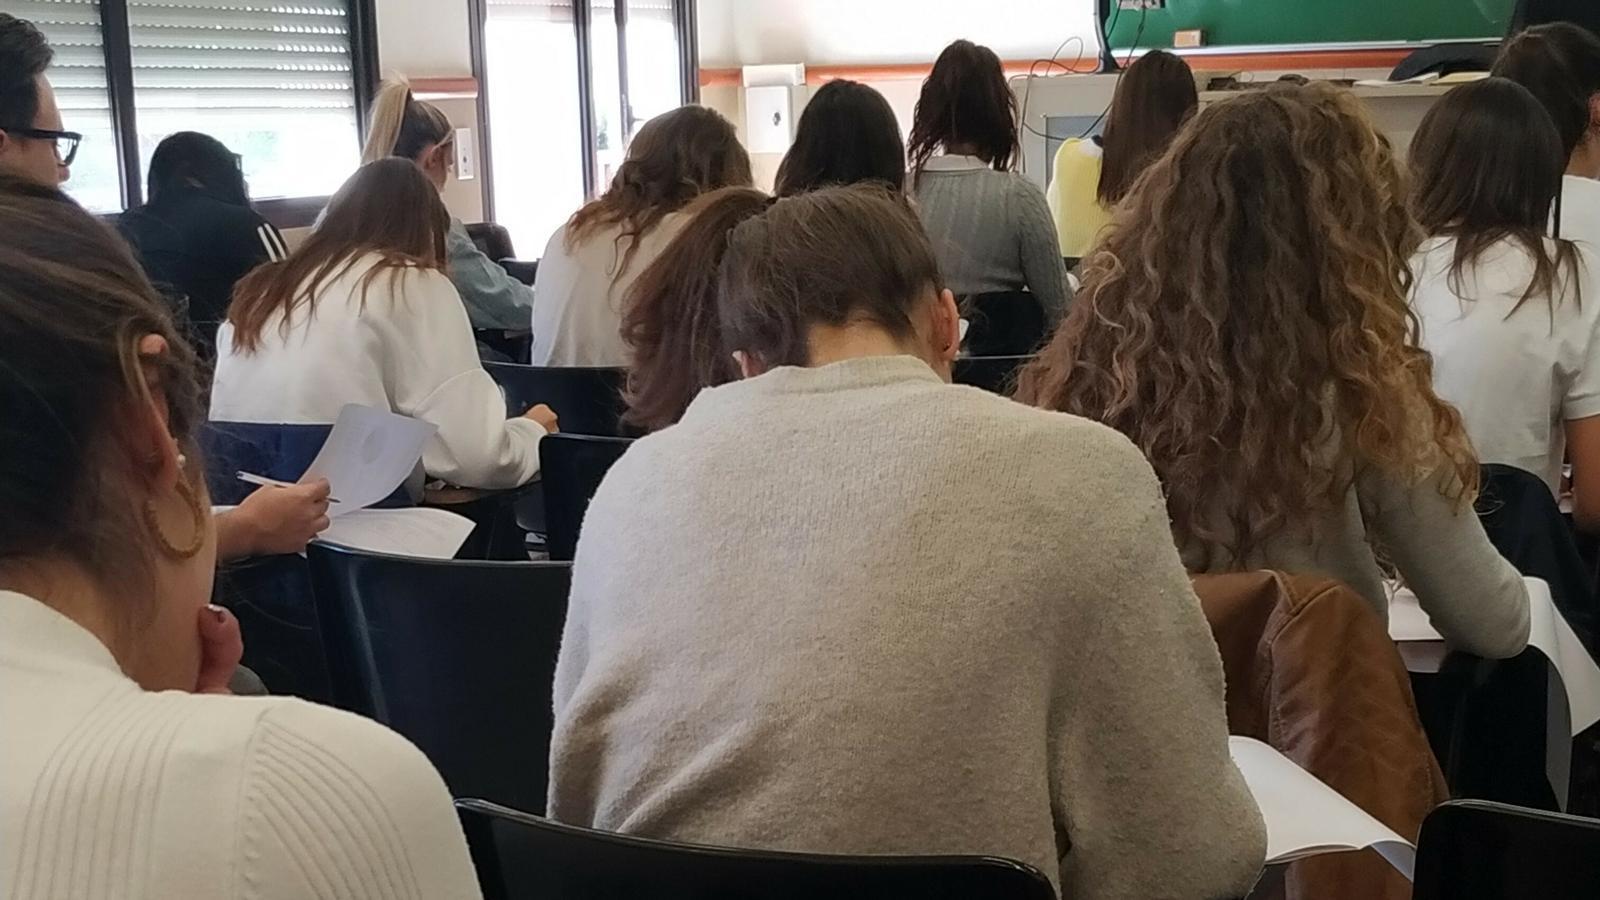 Pla general dels estudiants enmig de la PAP al campus de la UB a Mundet / ACN